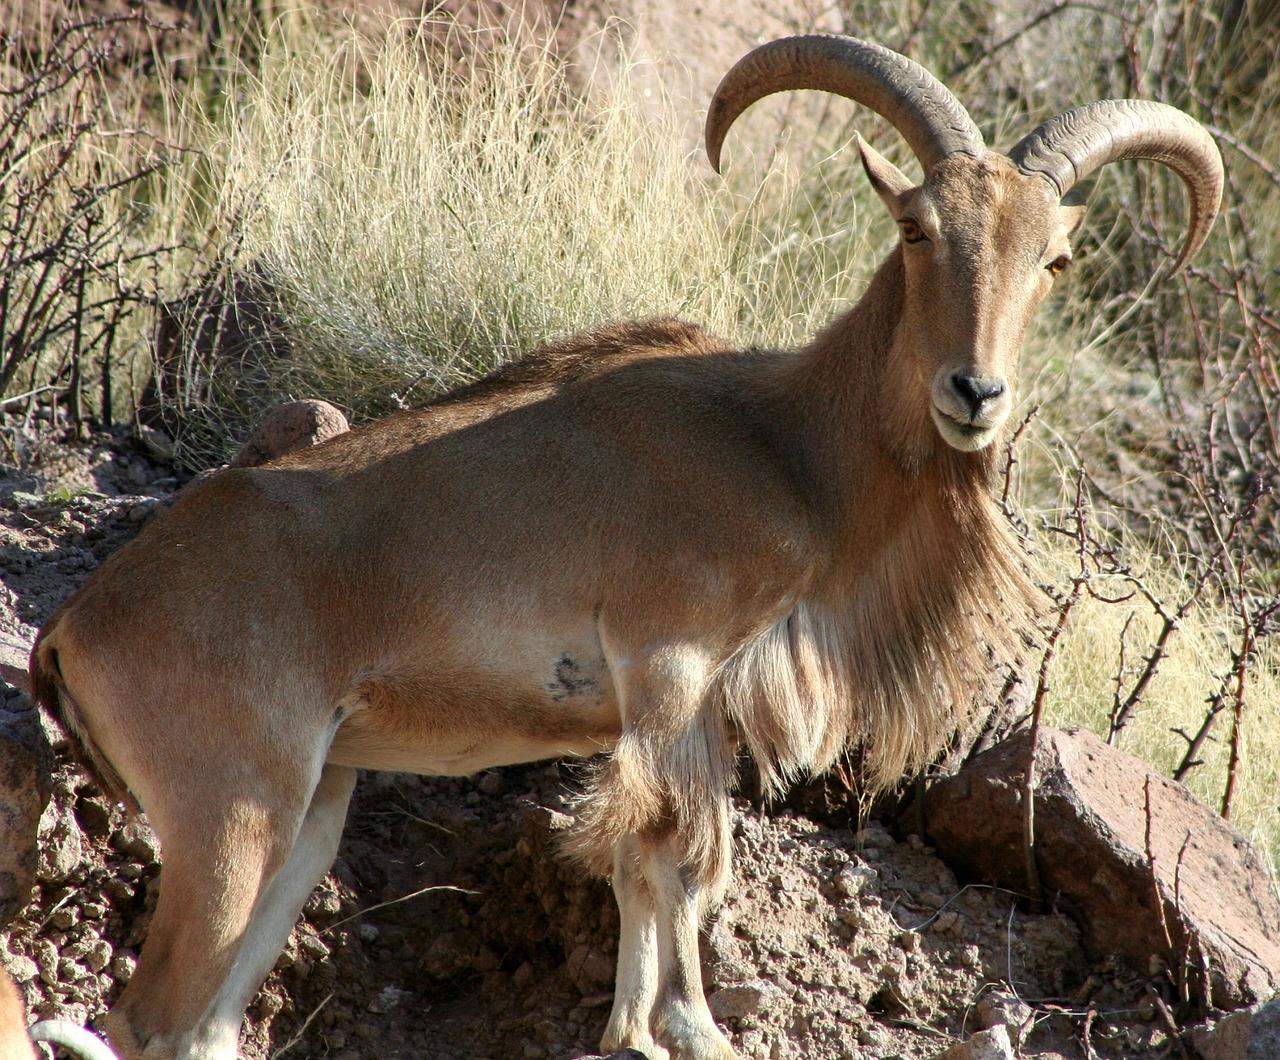 barbary-sheep-1569275_1280